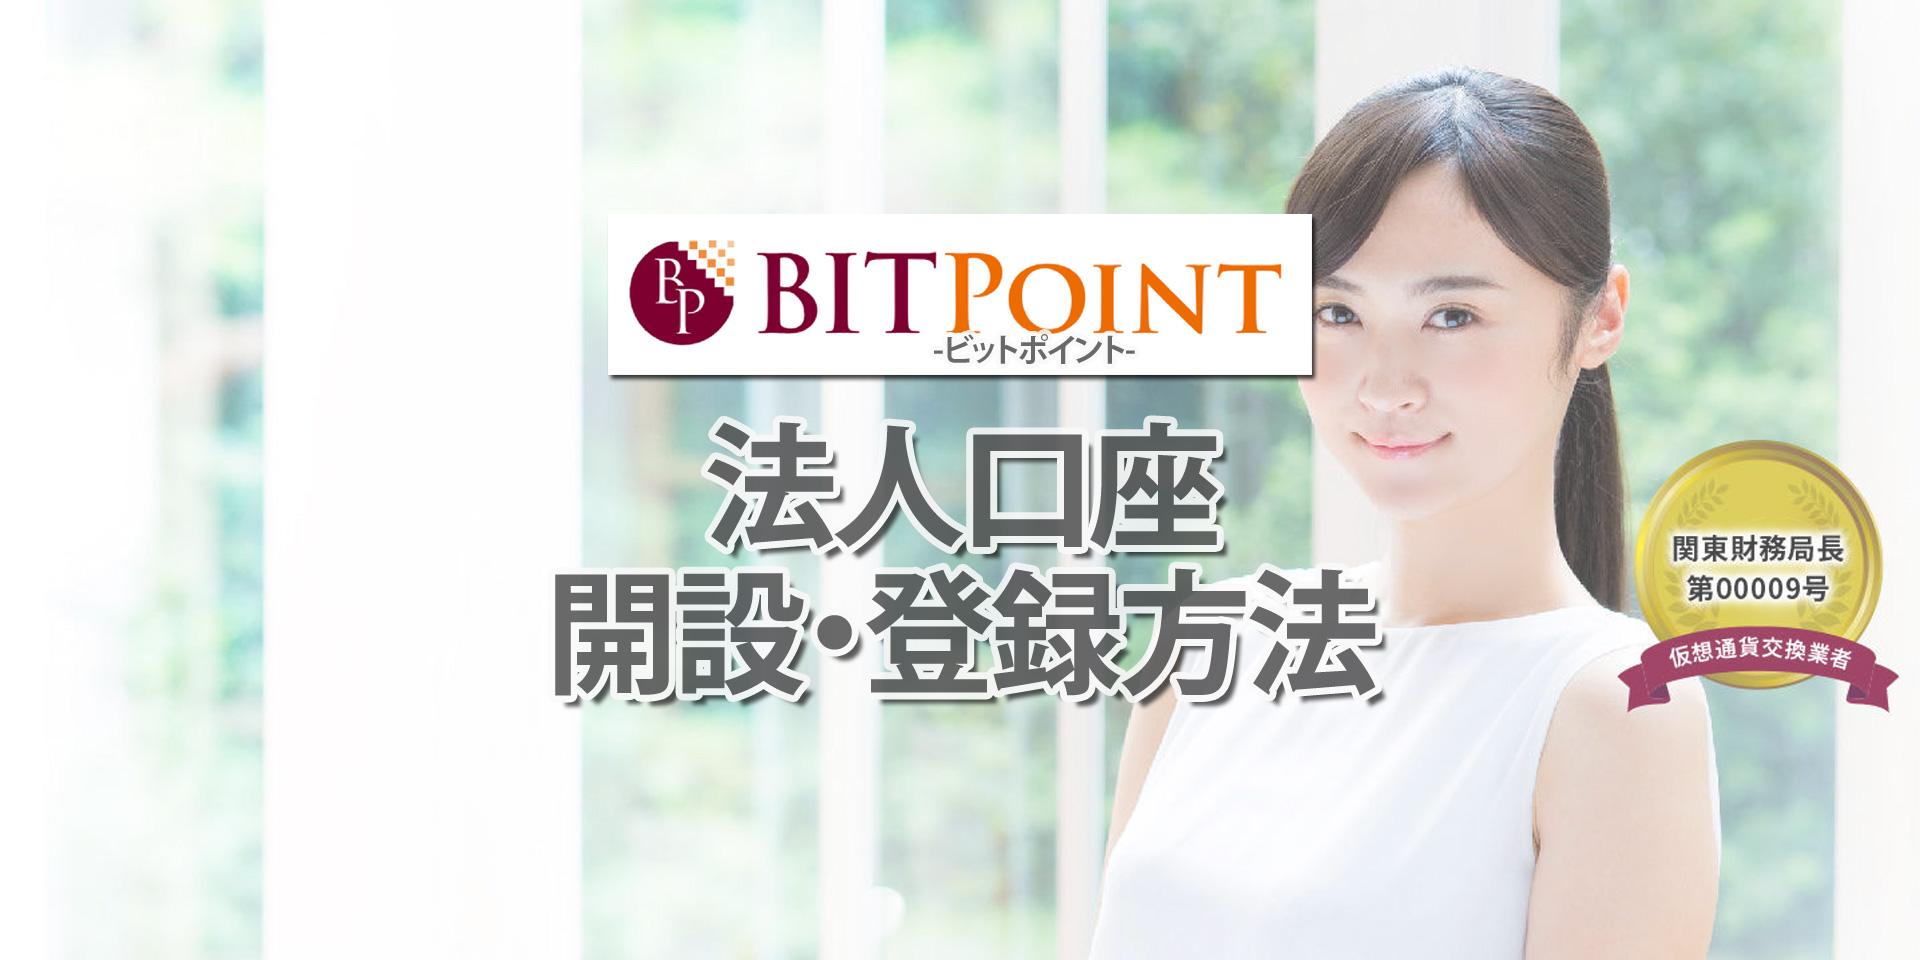 ビットポイント法人口座開設登録方法